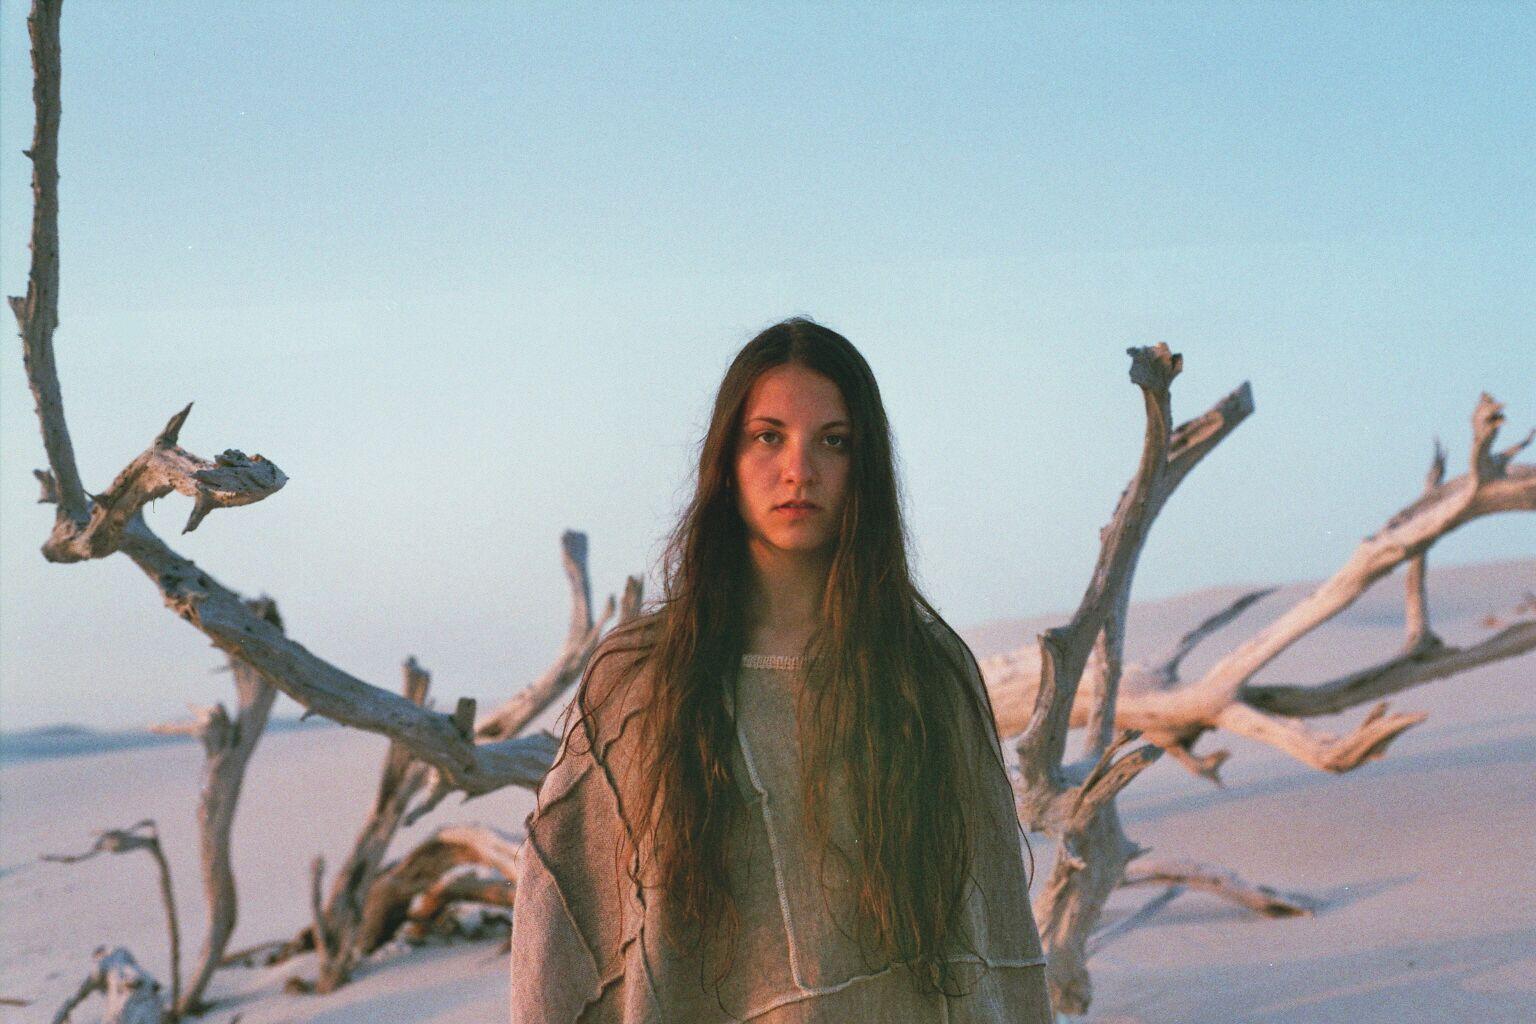 Lisa Morgenstern/@MiguelMurrieta